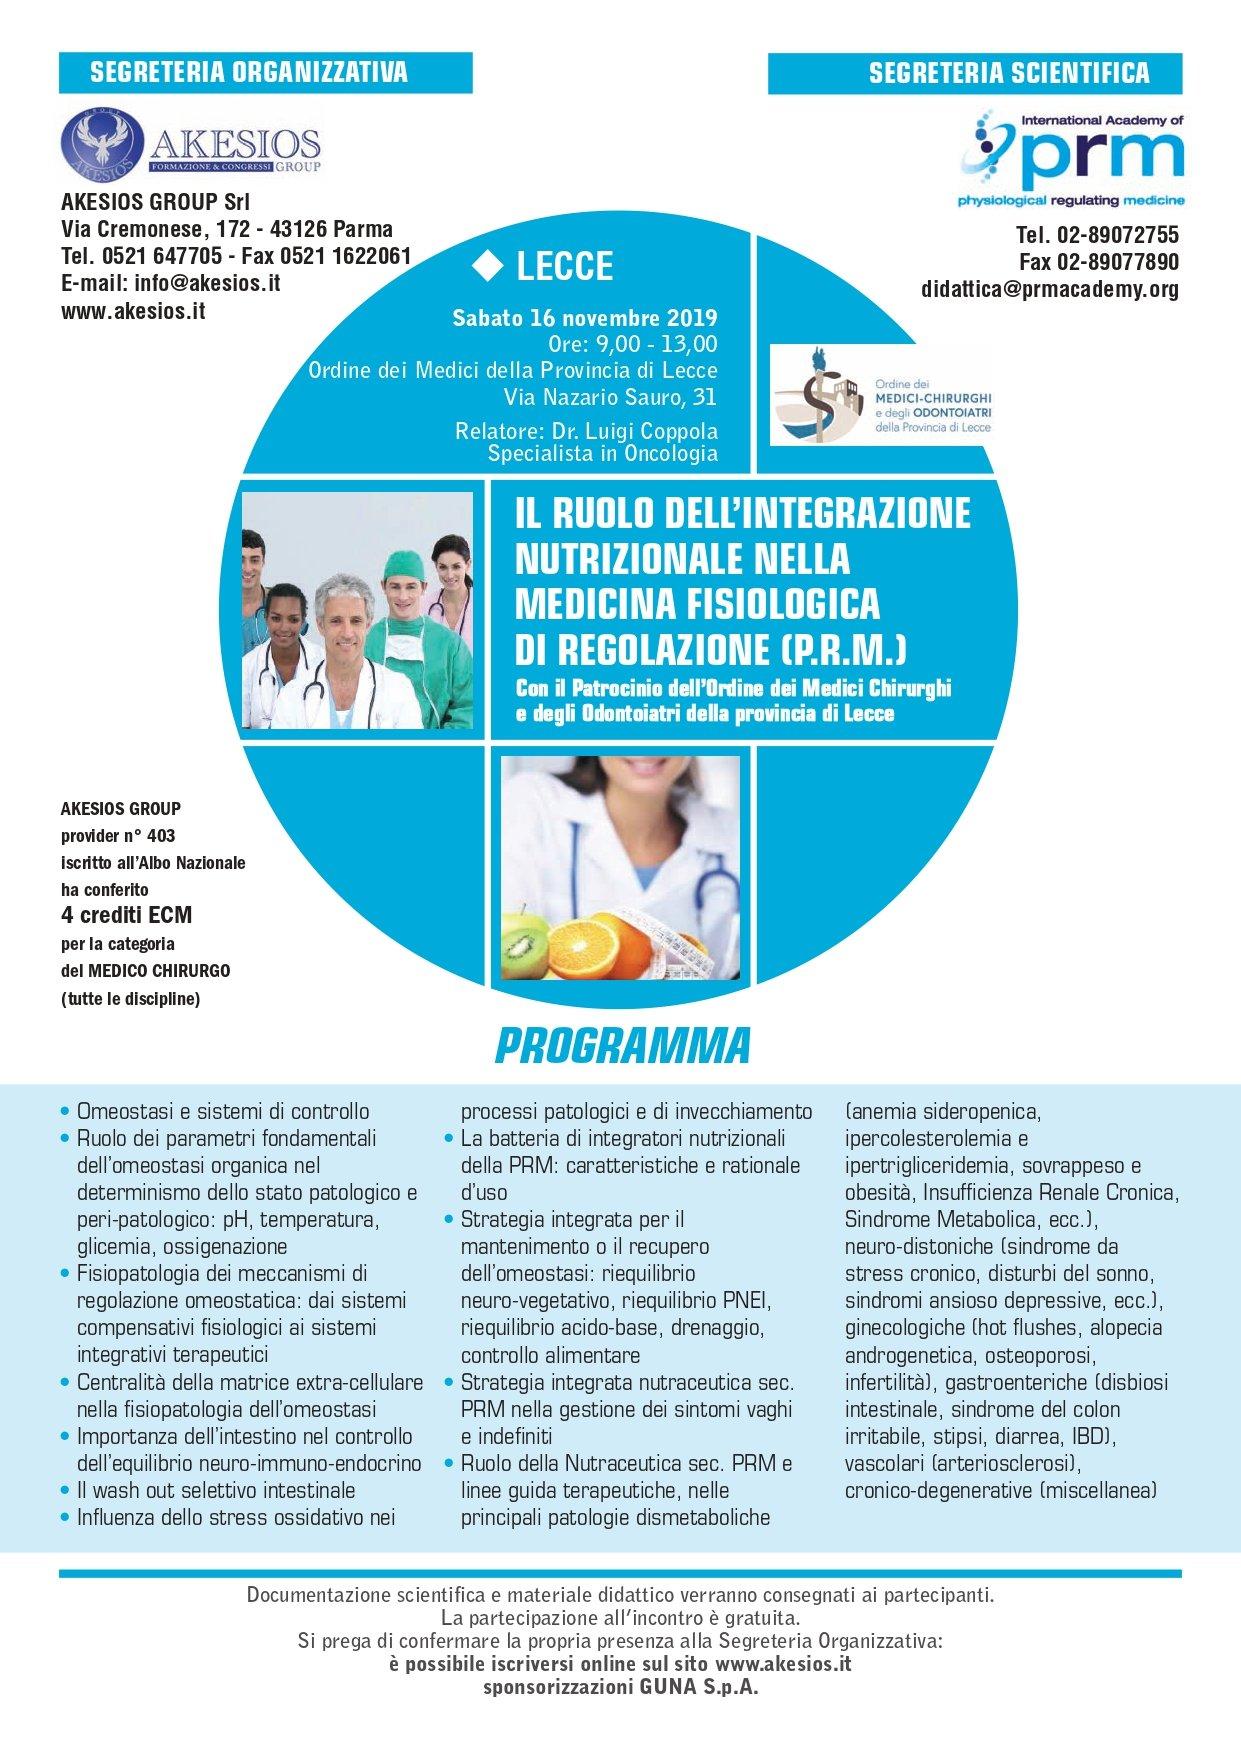 IL RUOLO DELL'INTEGRAZIONE NUTRIZIONALE NELLA MEDICINA FISIOLOGICA DI REGOLAZIONE (P.R.M.)